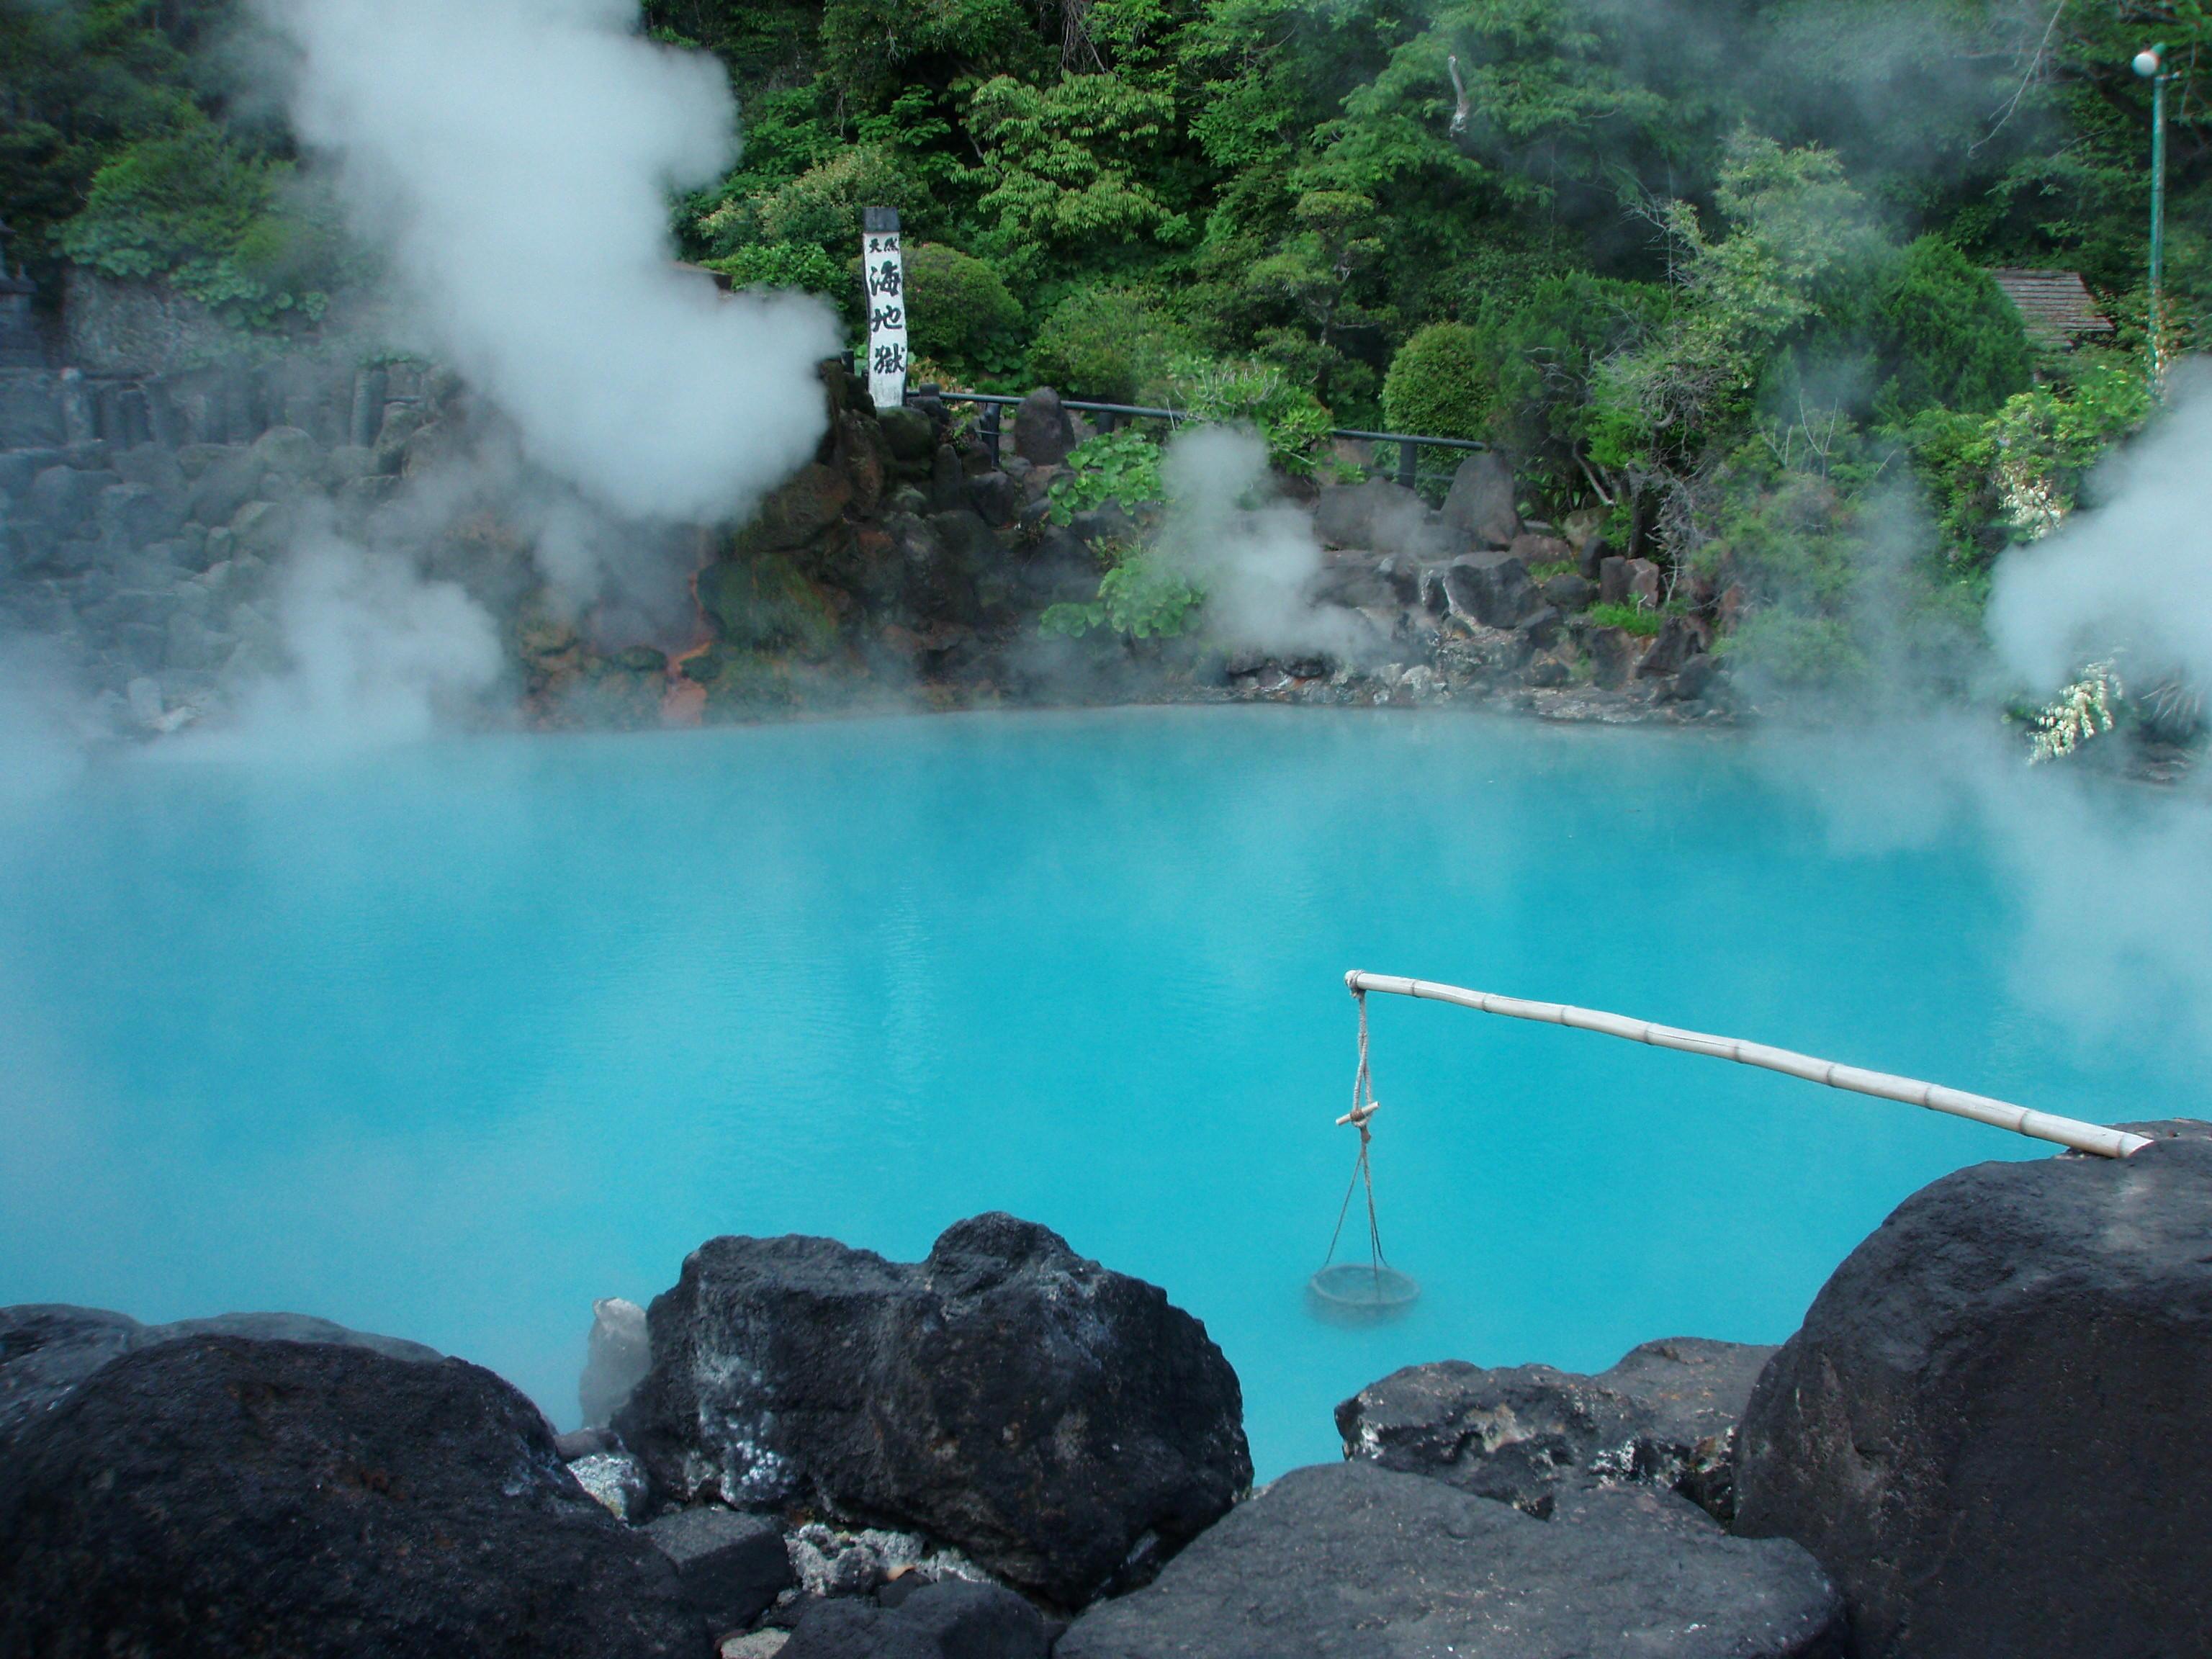 別府温泉は日帰りでもおすすめ!人気の温泉をまとめてご紹介